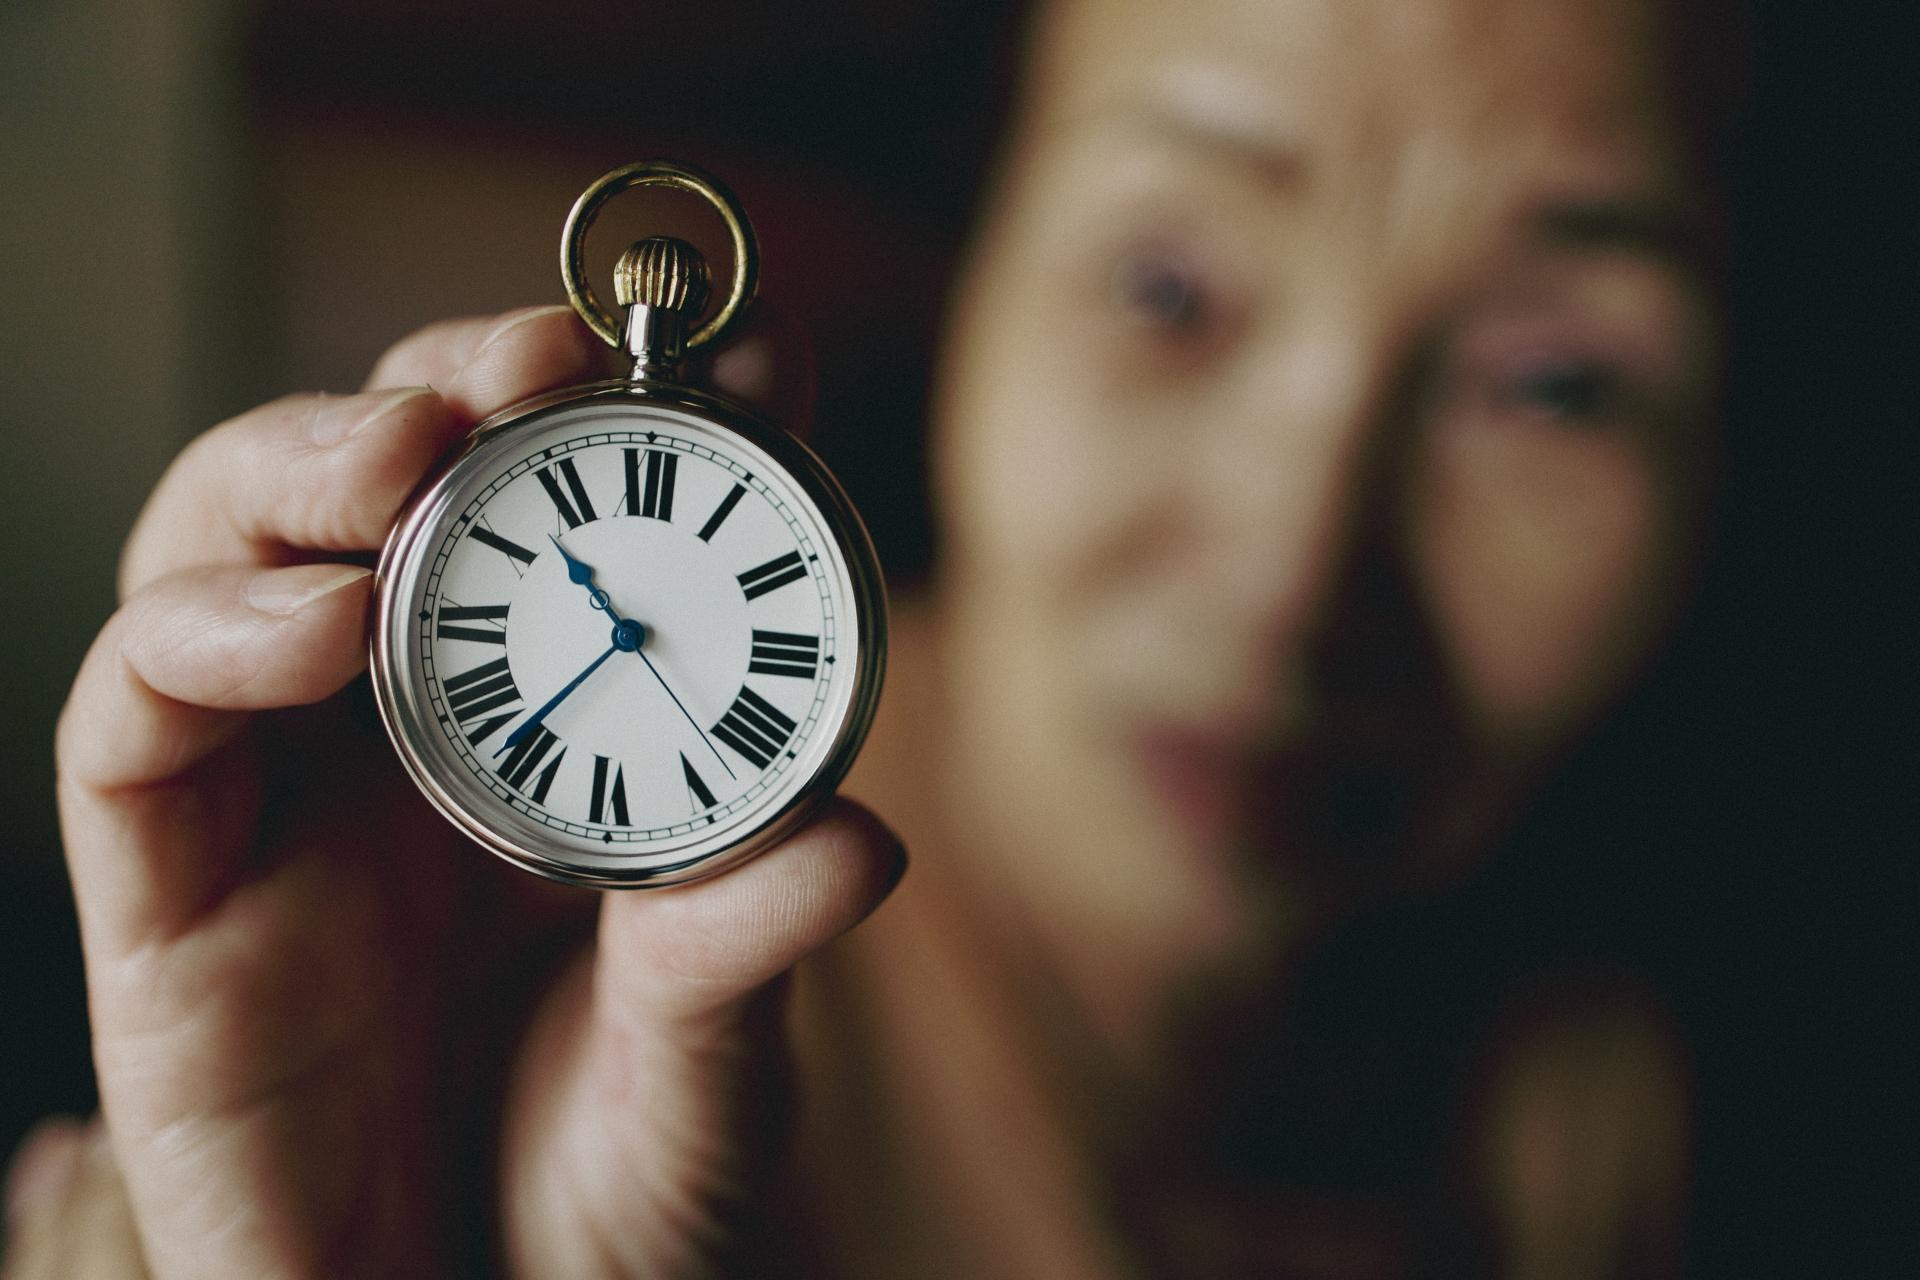 平均寿命と健康寿命には約10年の差がある